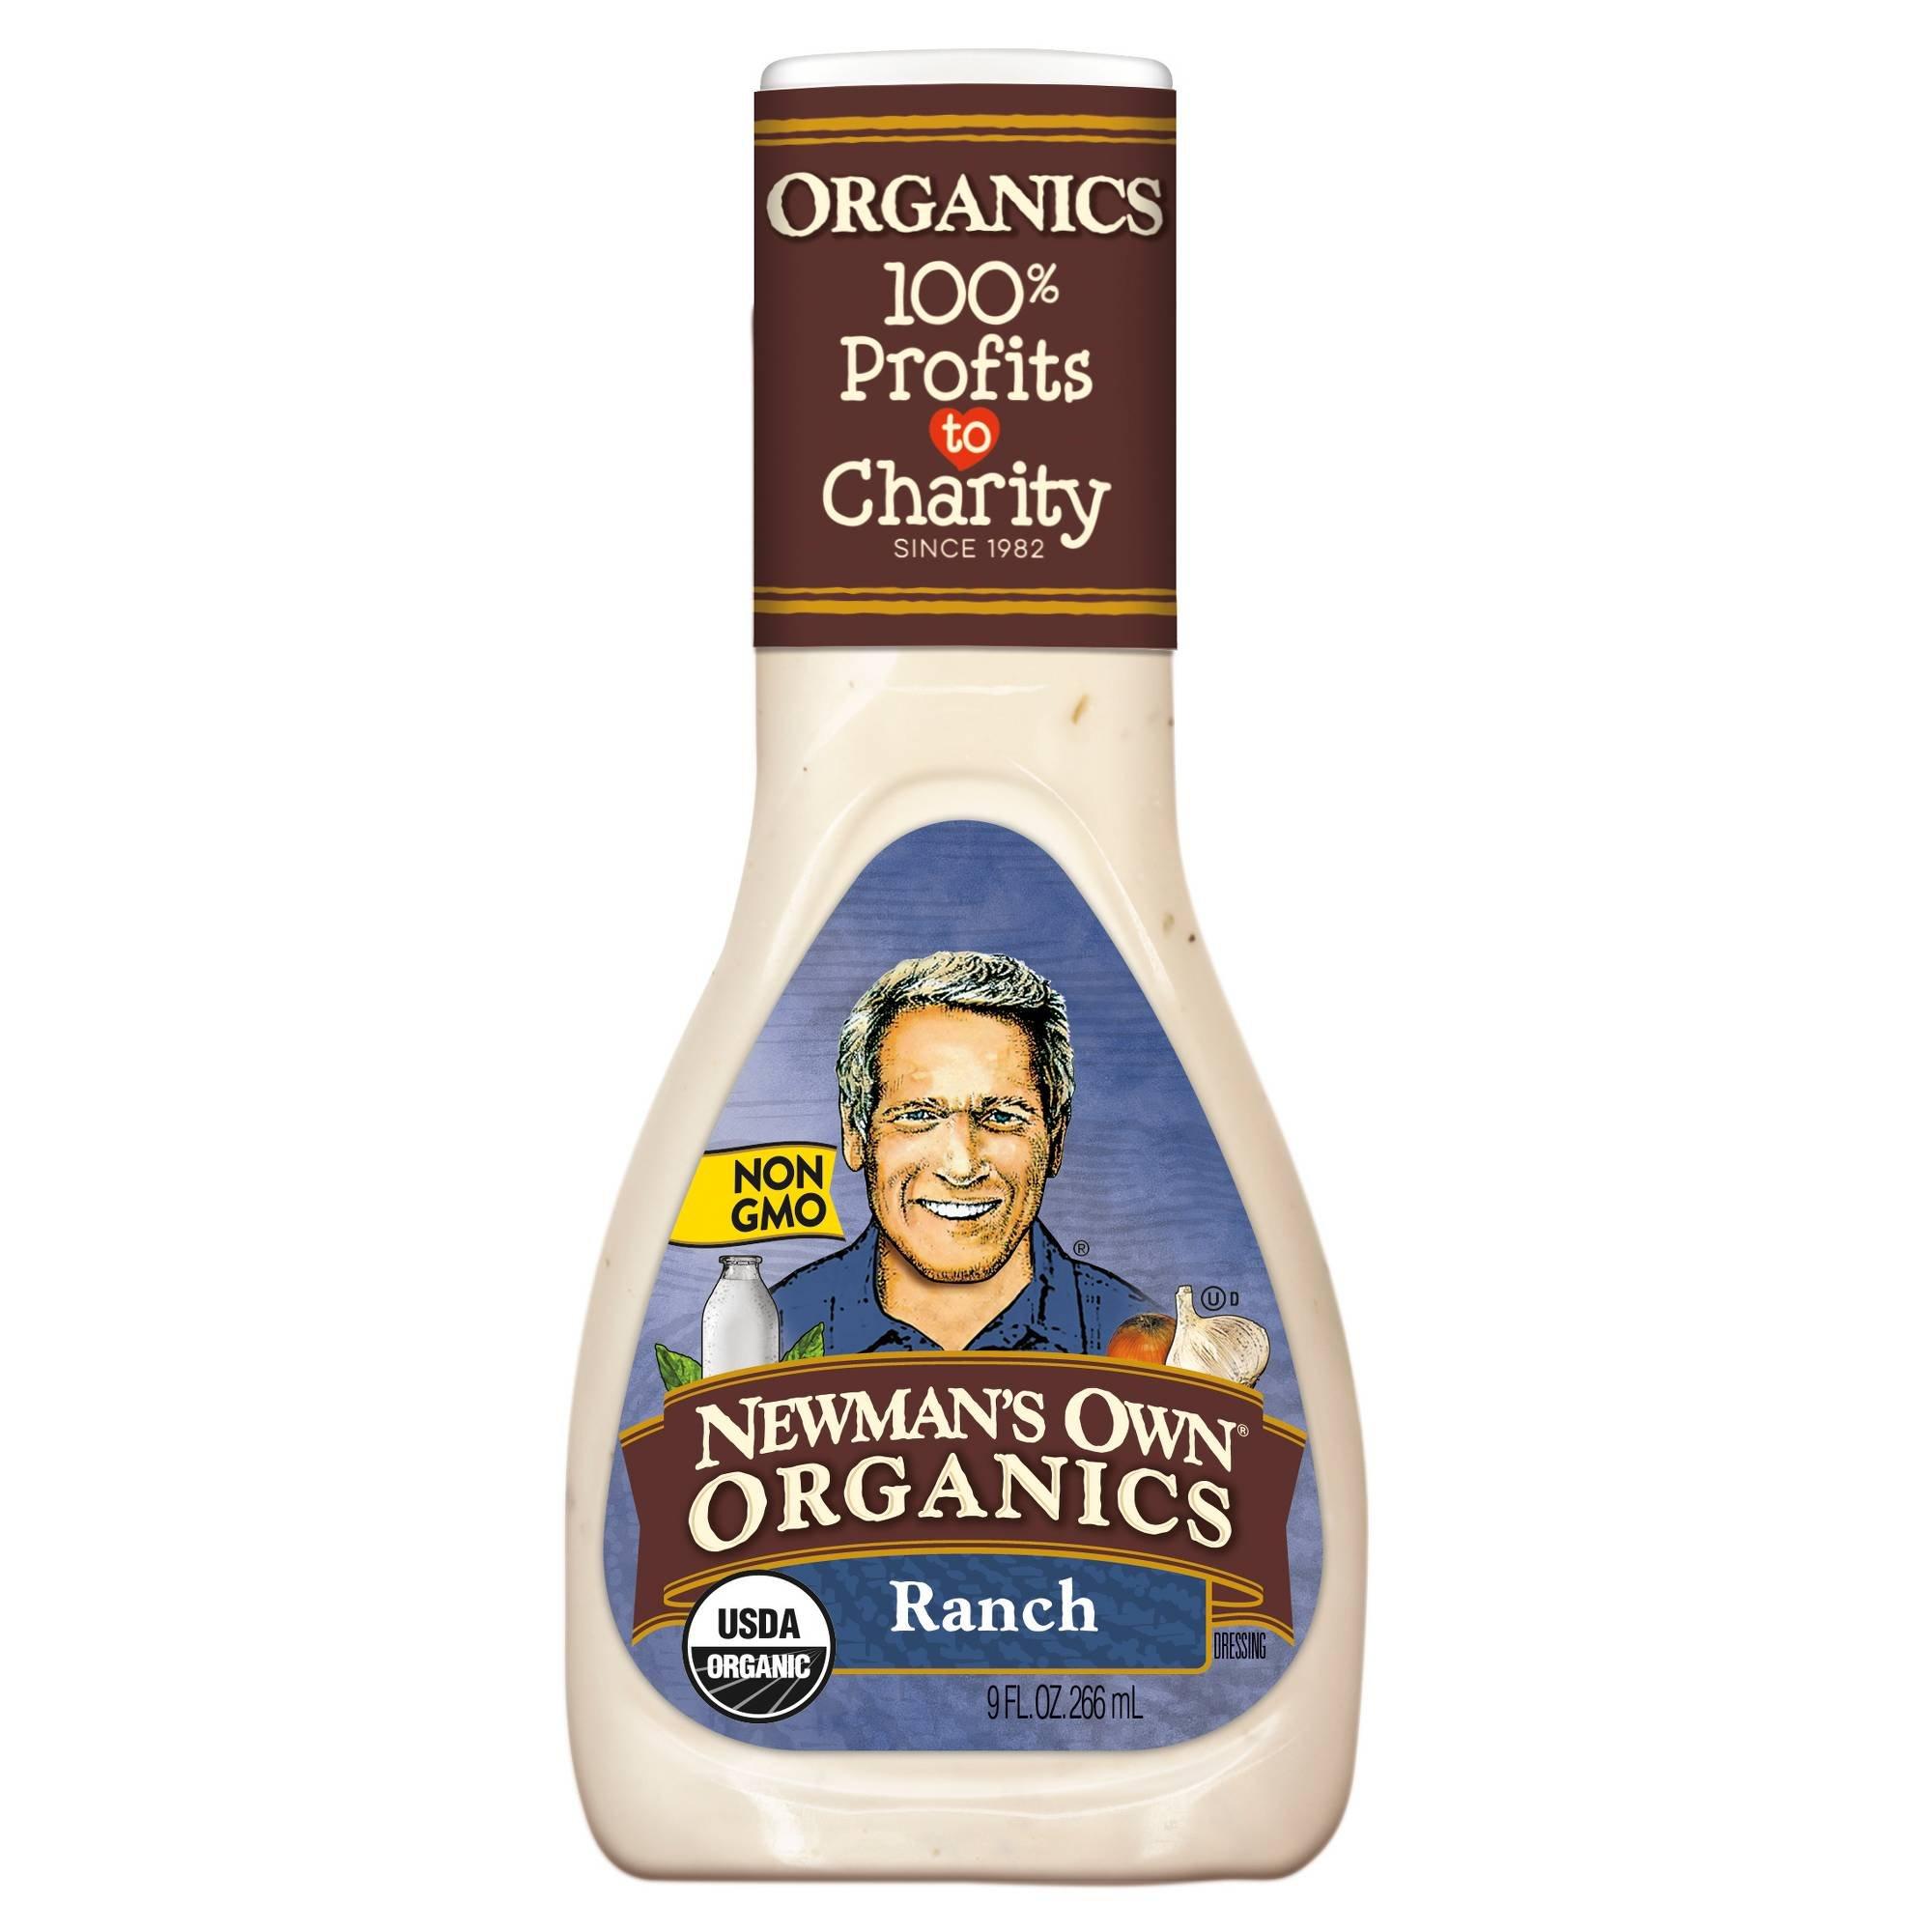 Newman's Own Organics Ranch 9 oz